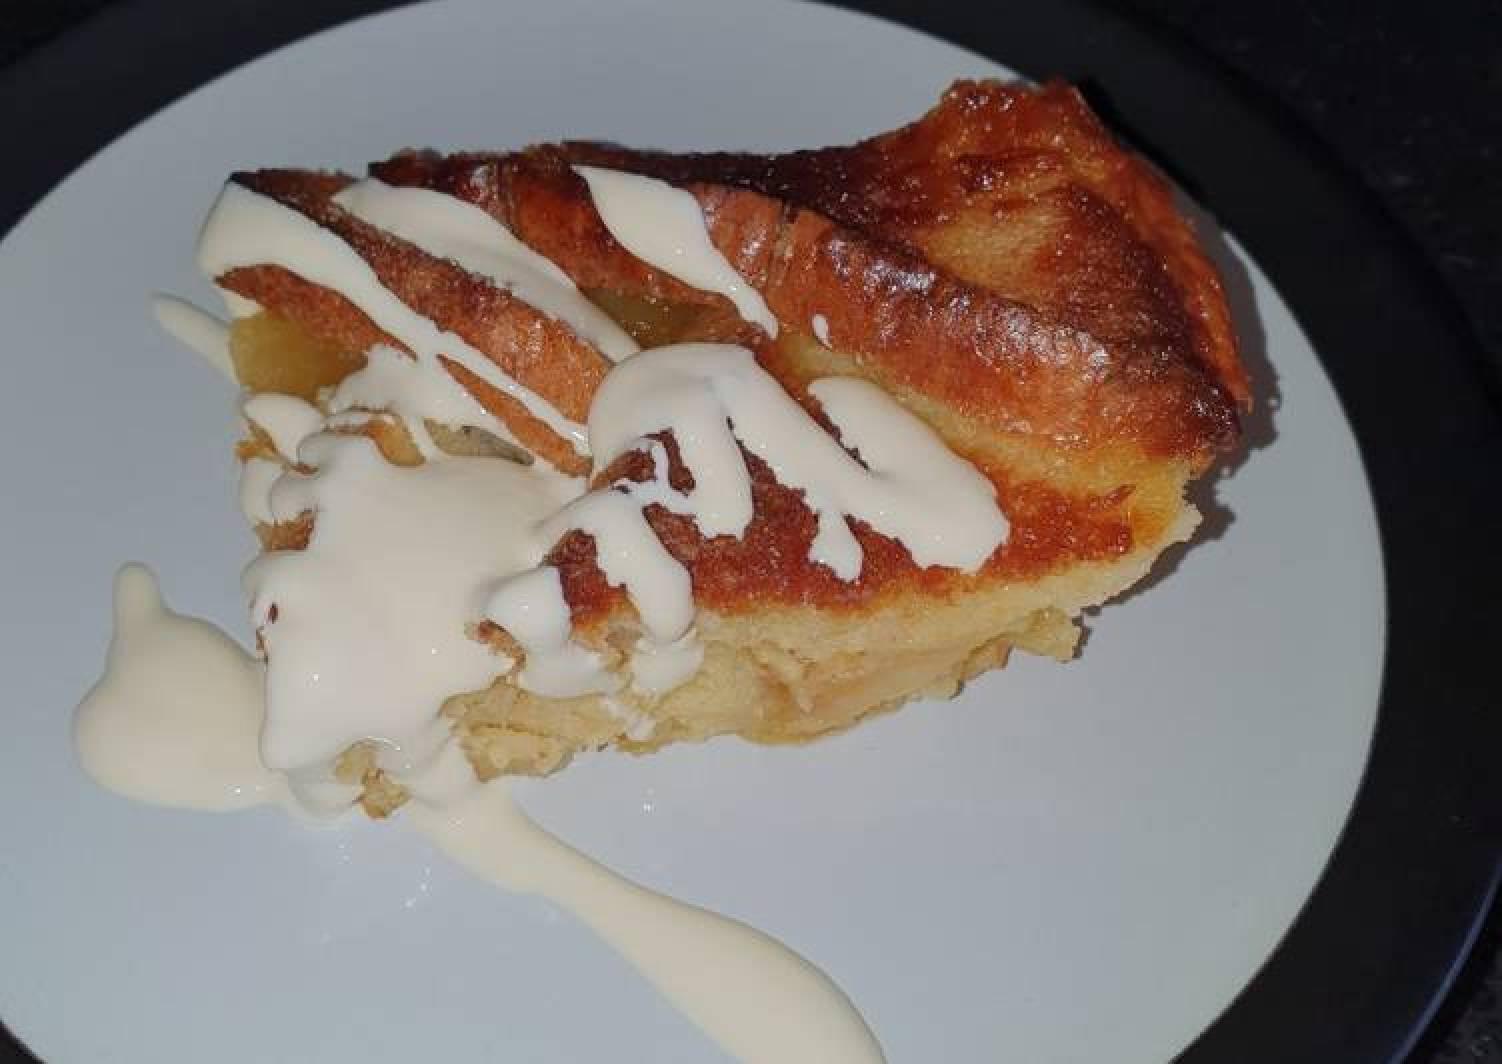 Orange Marmalade bread&butter pudding 👌